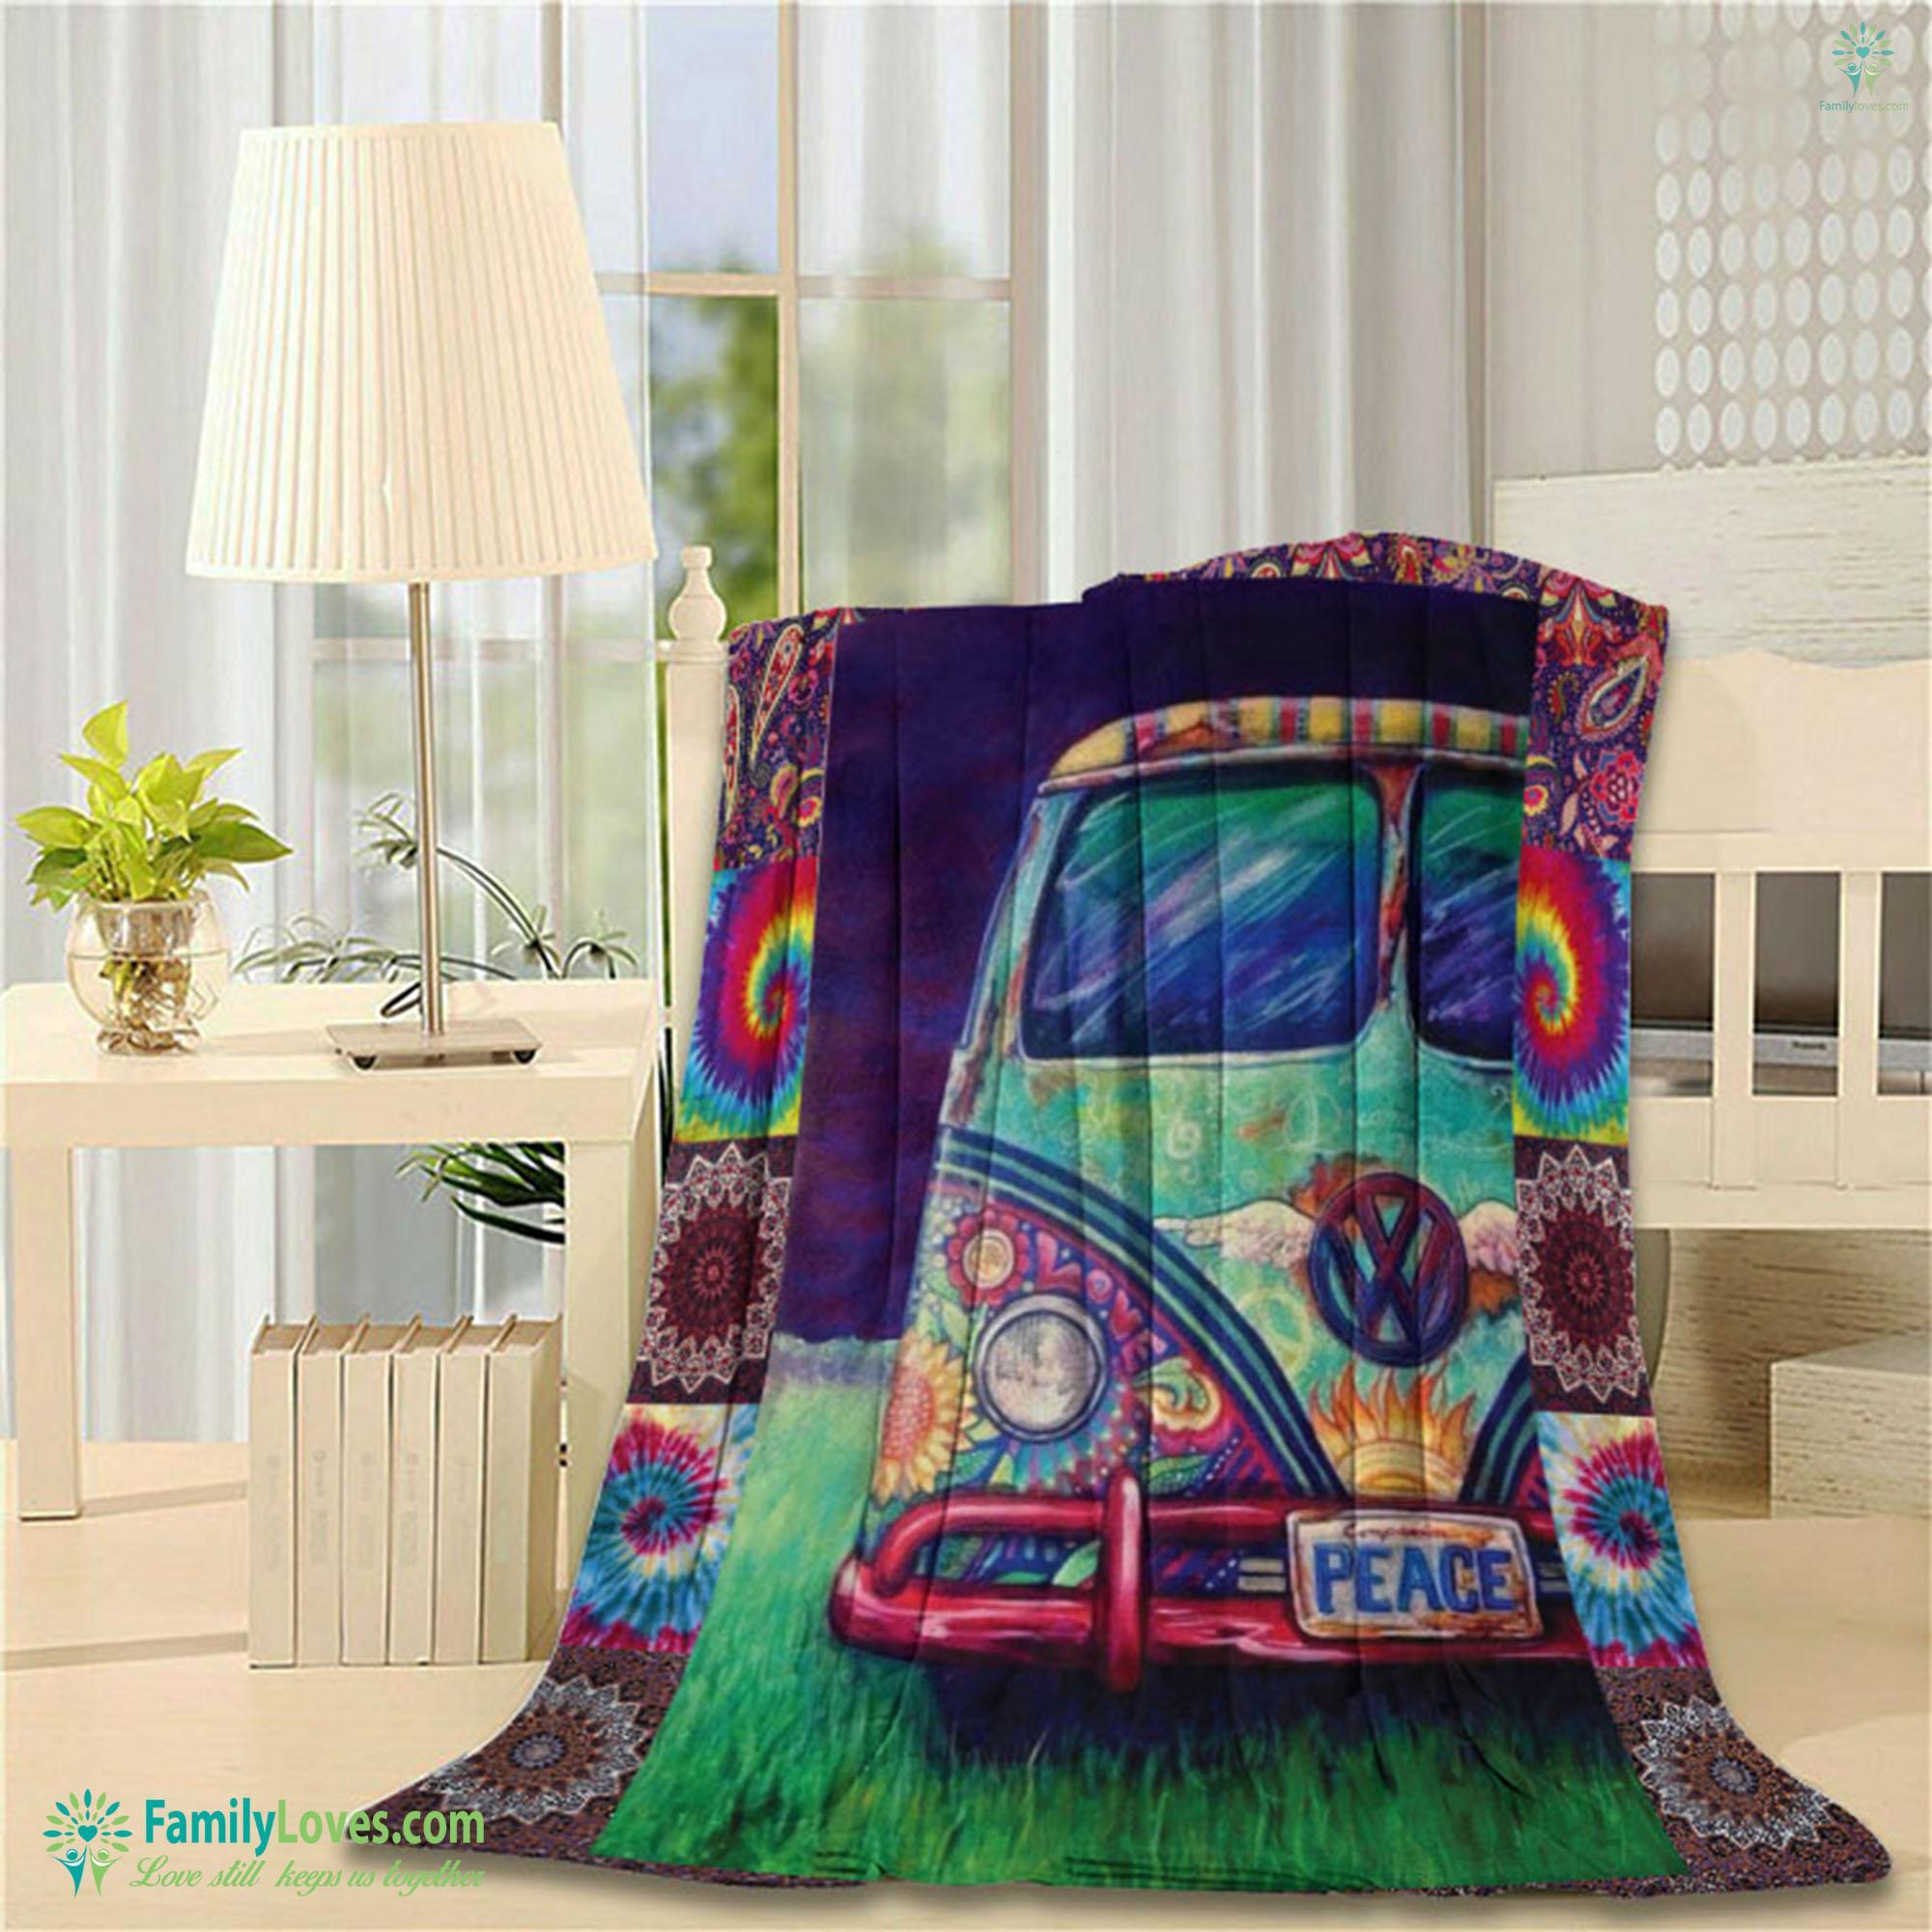 Hippie Blanket 22 Familyloves.com